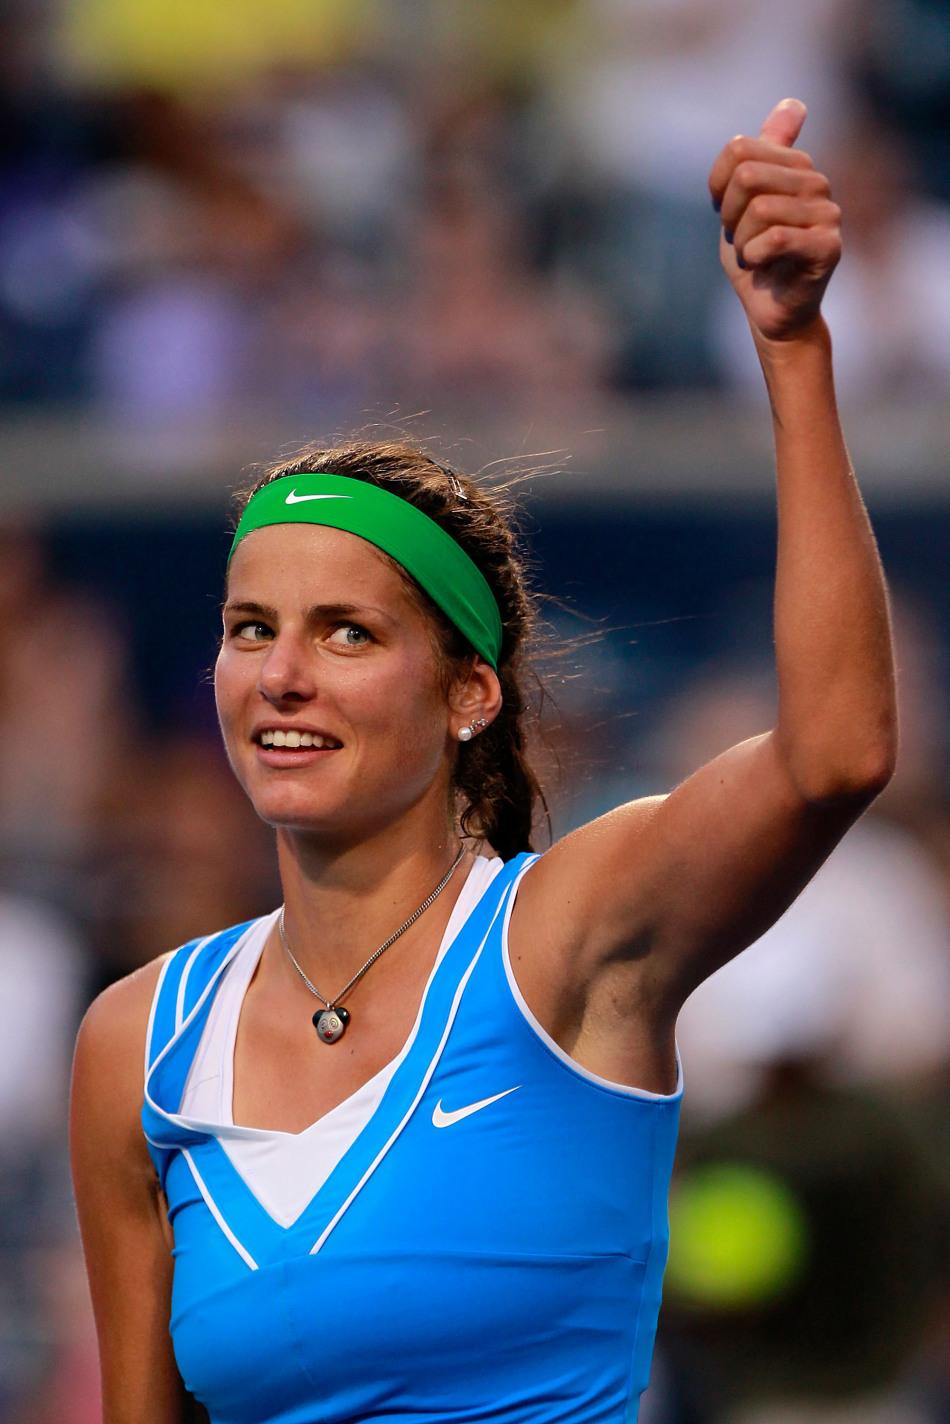 网球美女格尔格斯_格尔格斯_女网格尔格斯_鹊桥吧